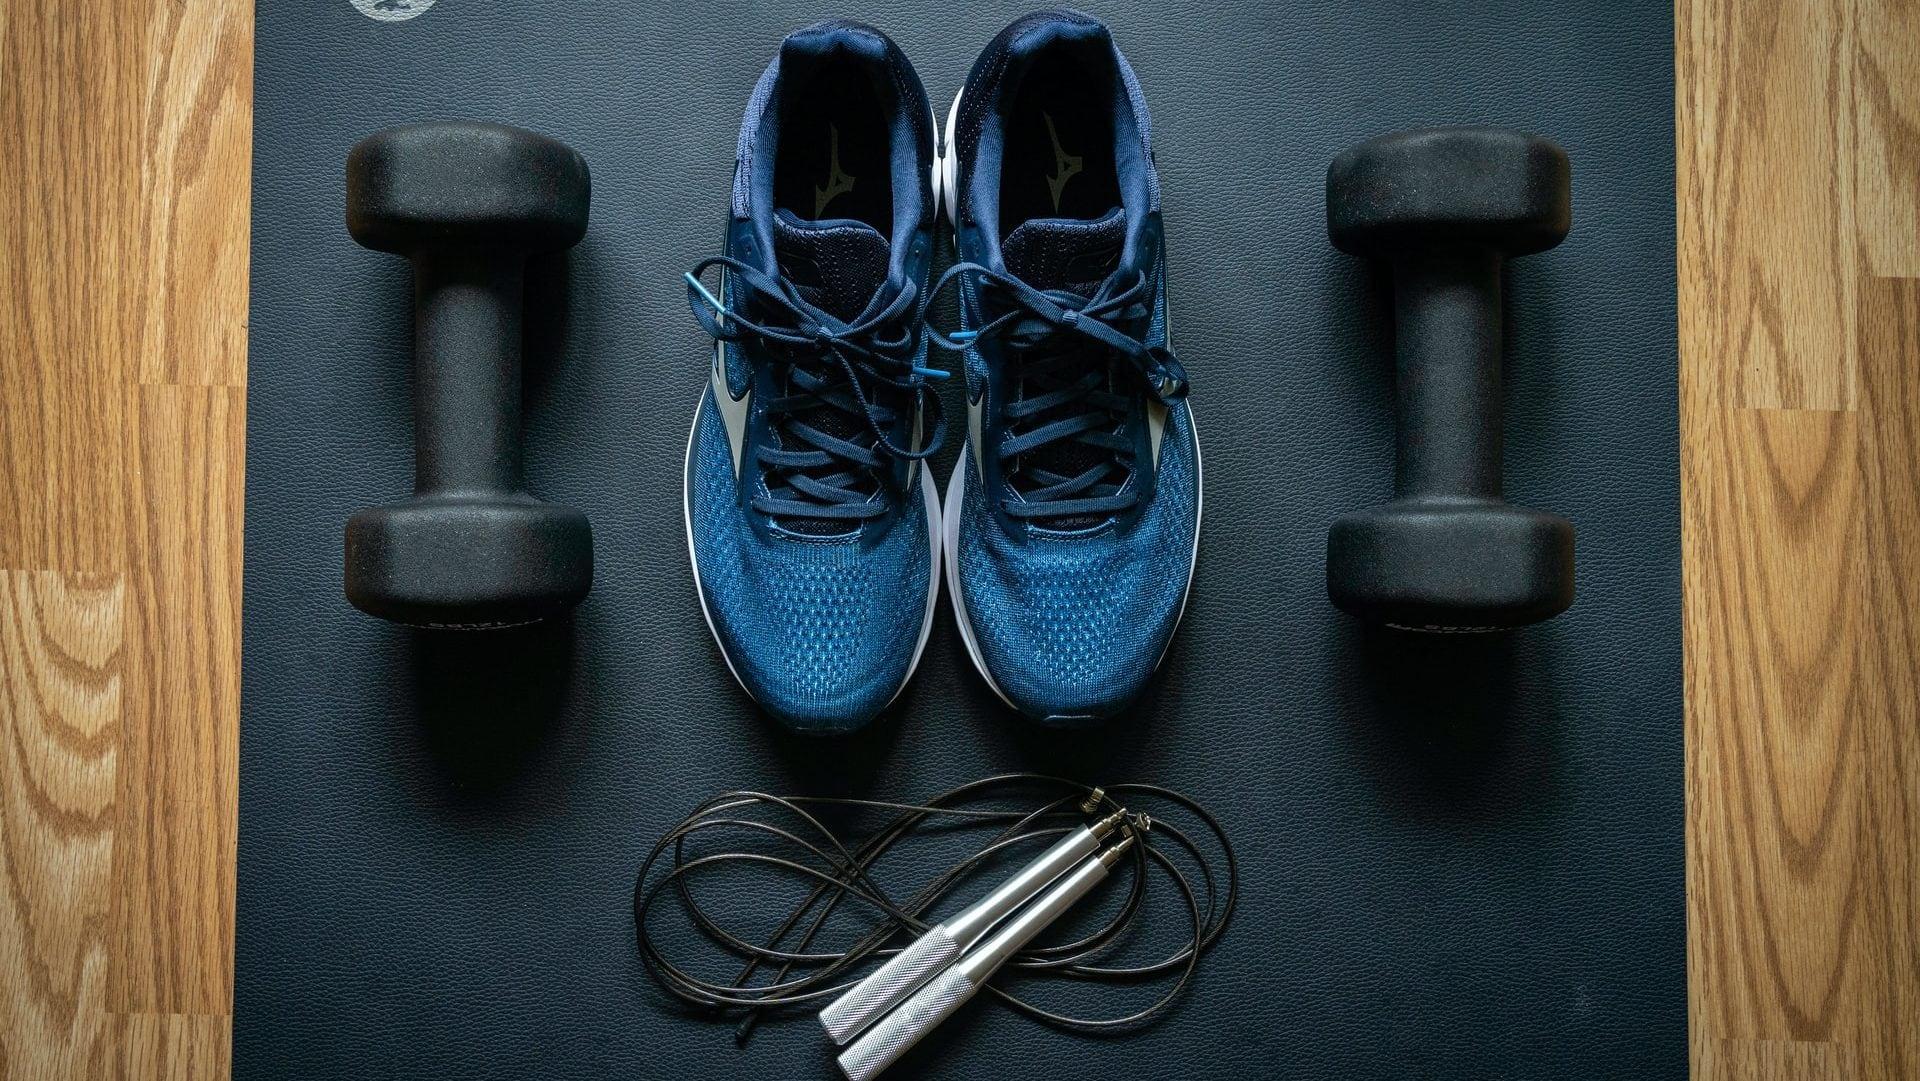 Sportschoenen, gewichtjes en springtouw. Bovenaanzicht